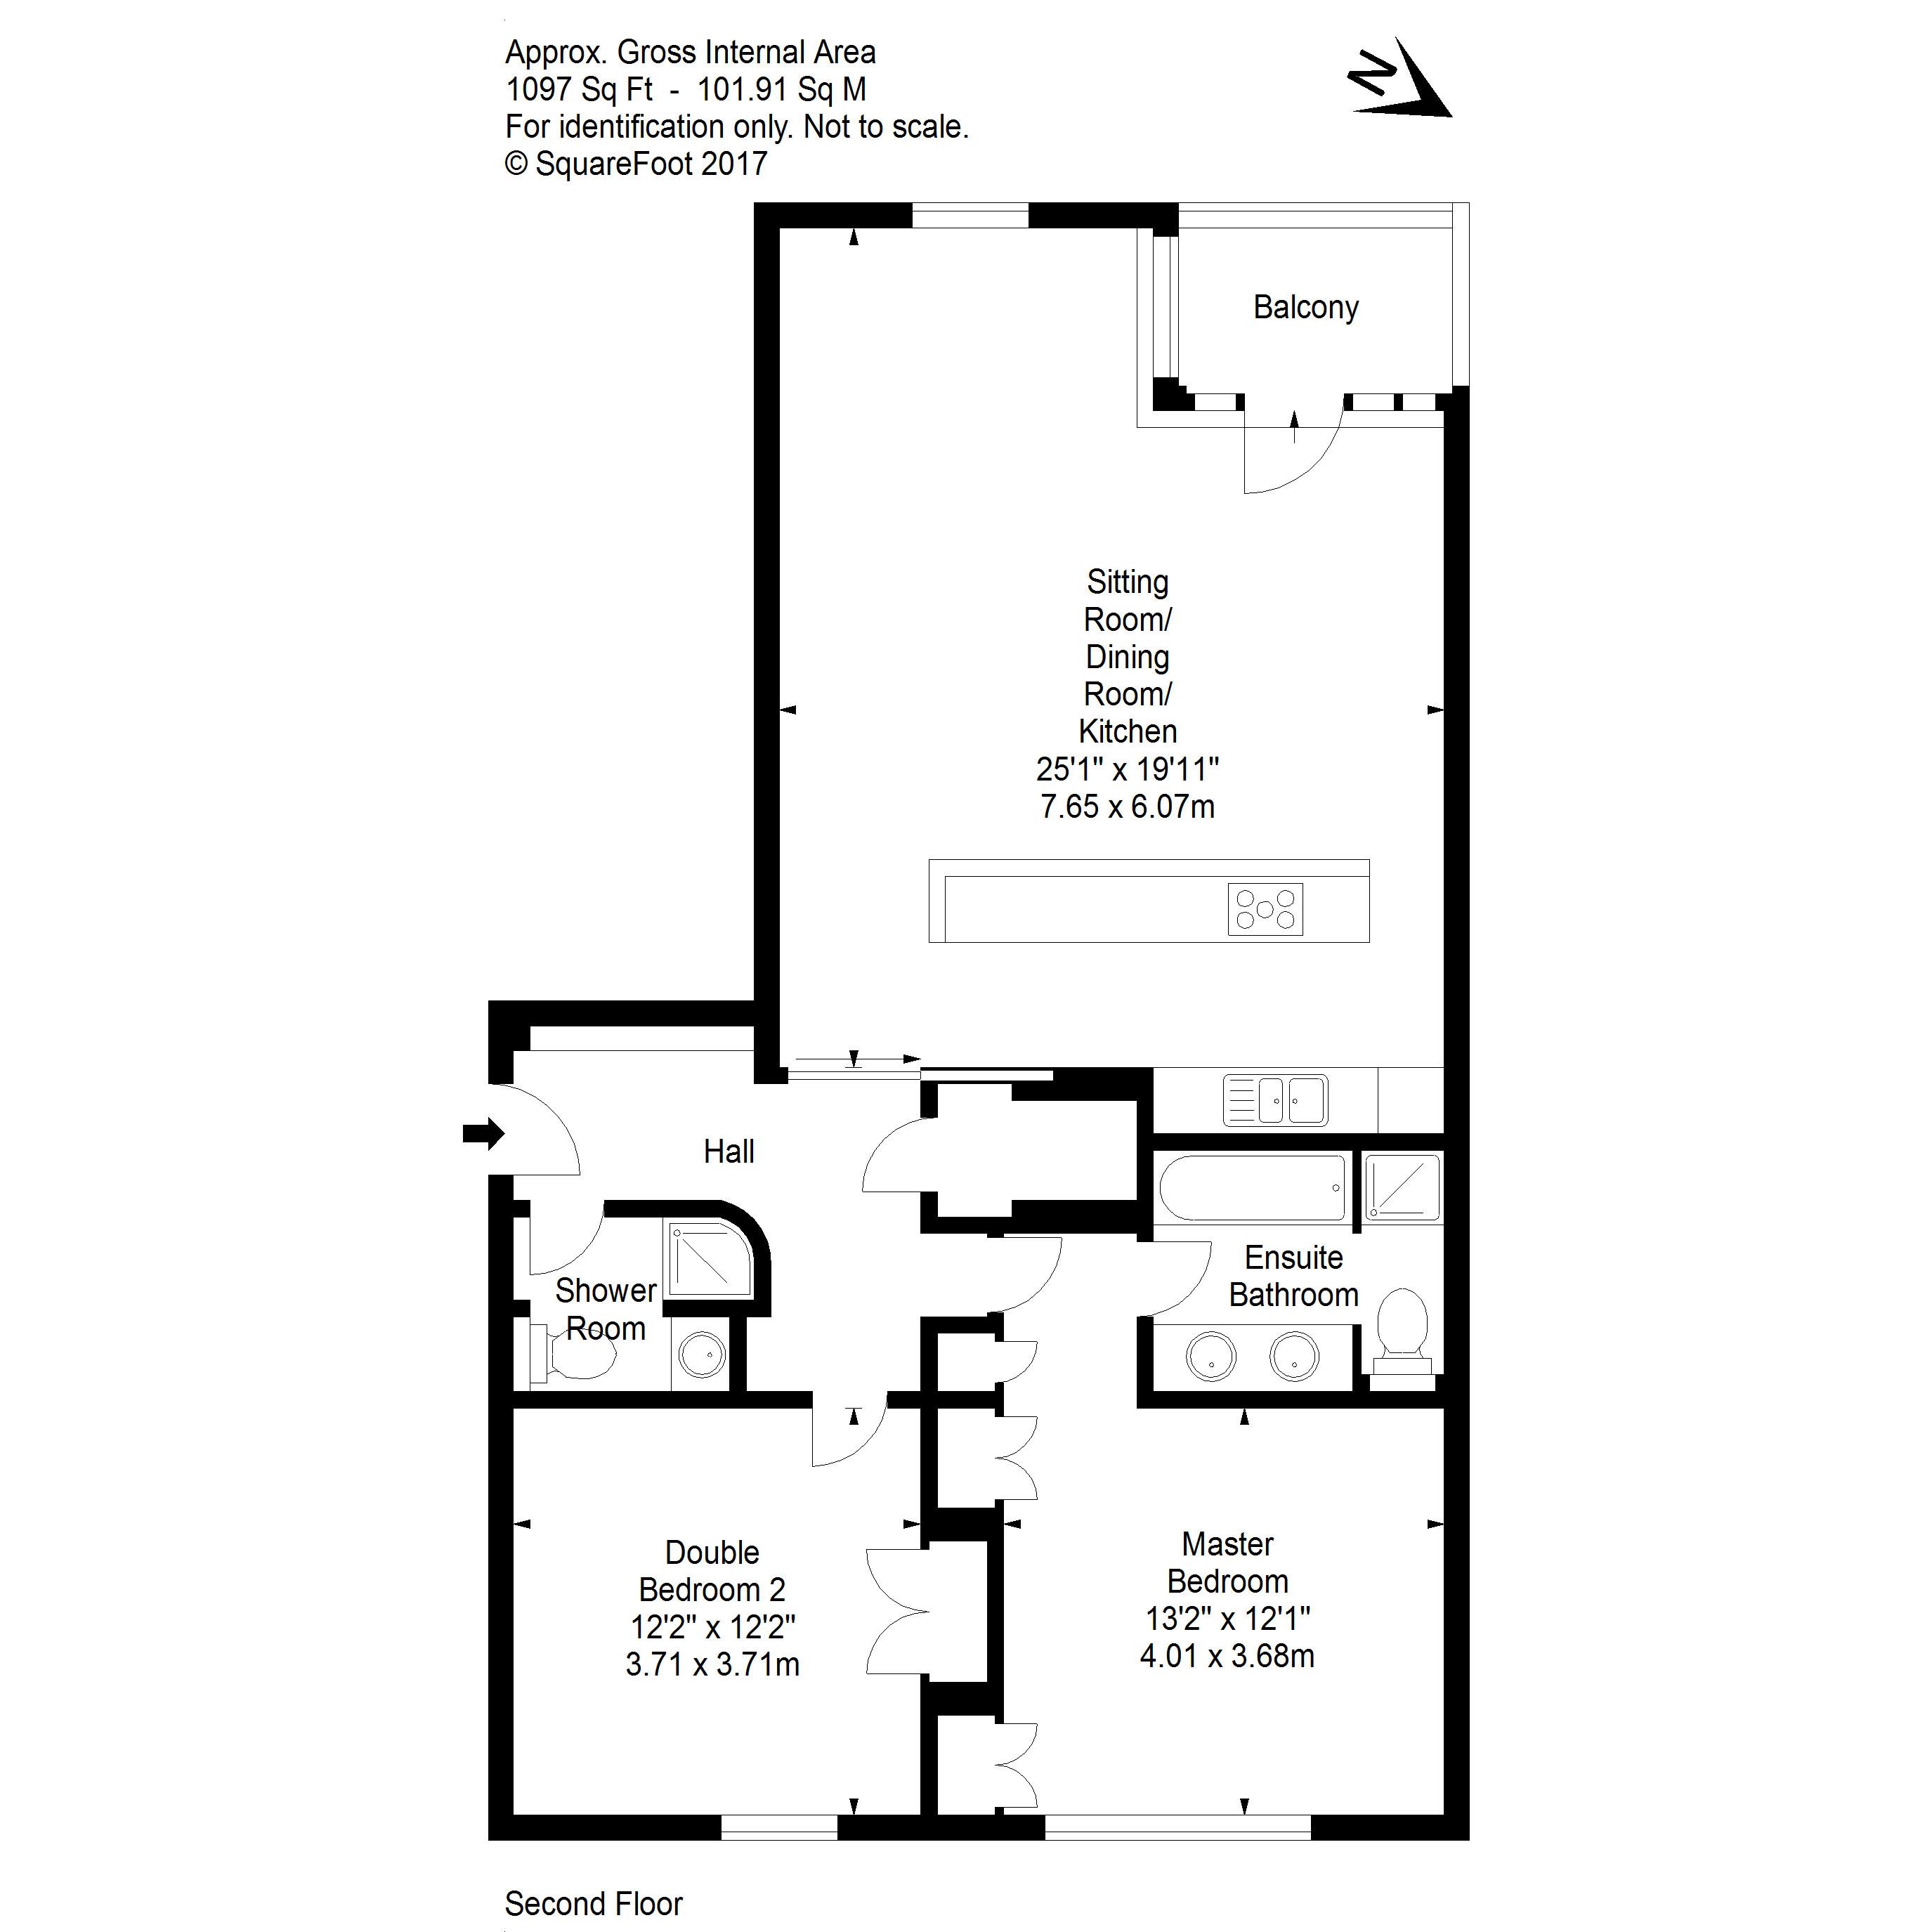 40 9 gardners crescent fountainbridge eh3 8dg 2 bed flat 310 000 floorplan floor plan